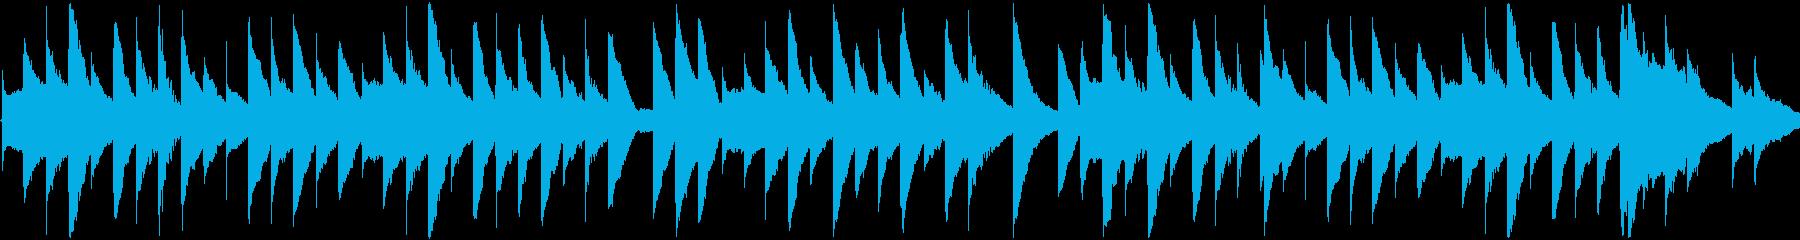 【オルゴール版】ゆったり温かい雰囲気の…の再生済みの波形